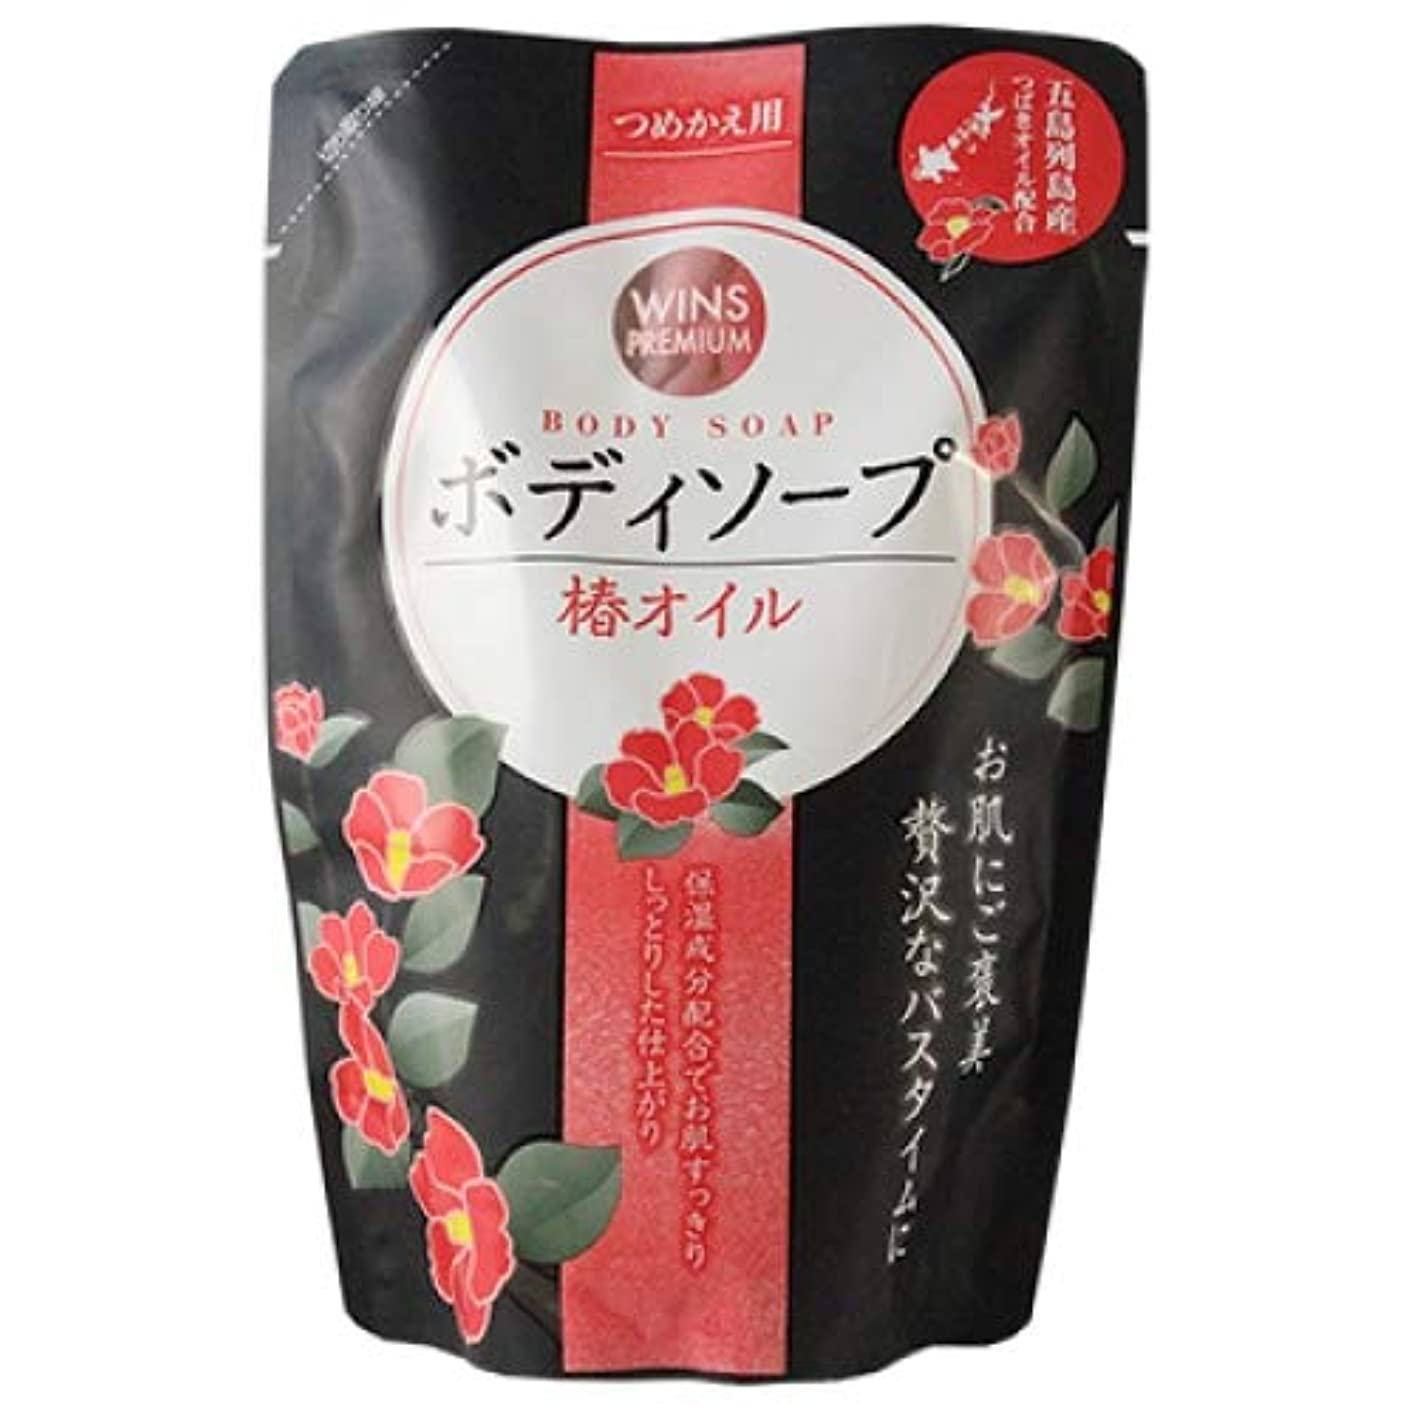 稼ぐ話をする貧困日本合成洗剤 ウインズ 椿オイル ボディソープ つめかえ用 400mL 4904112827240